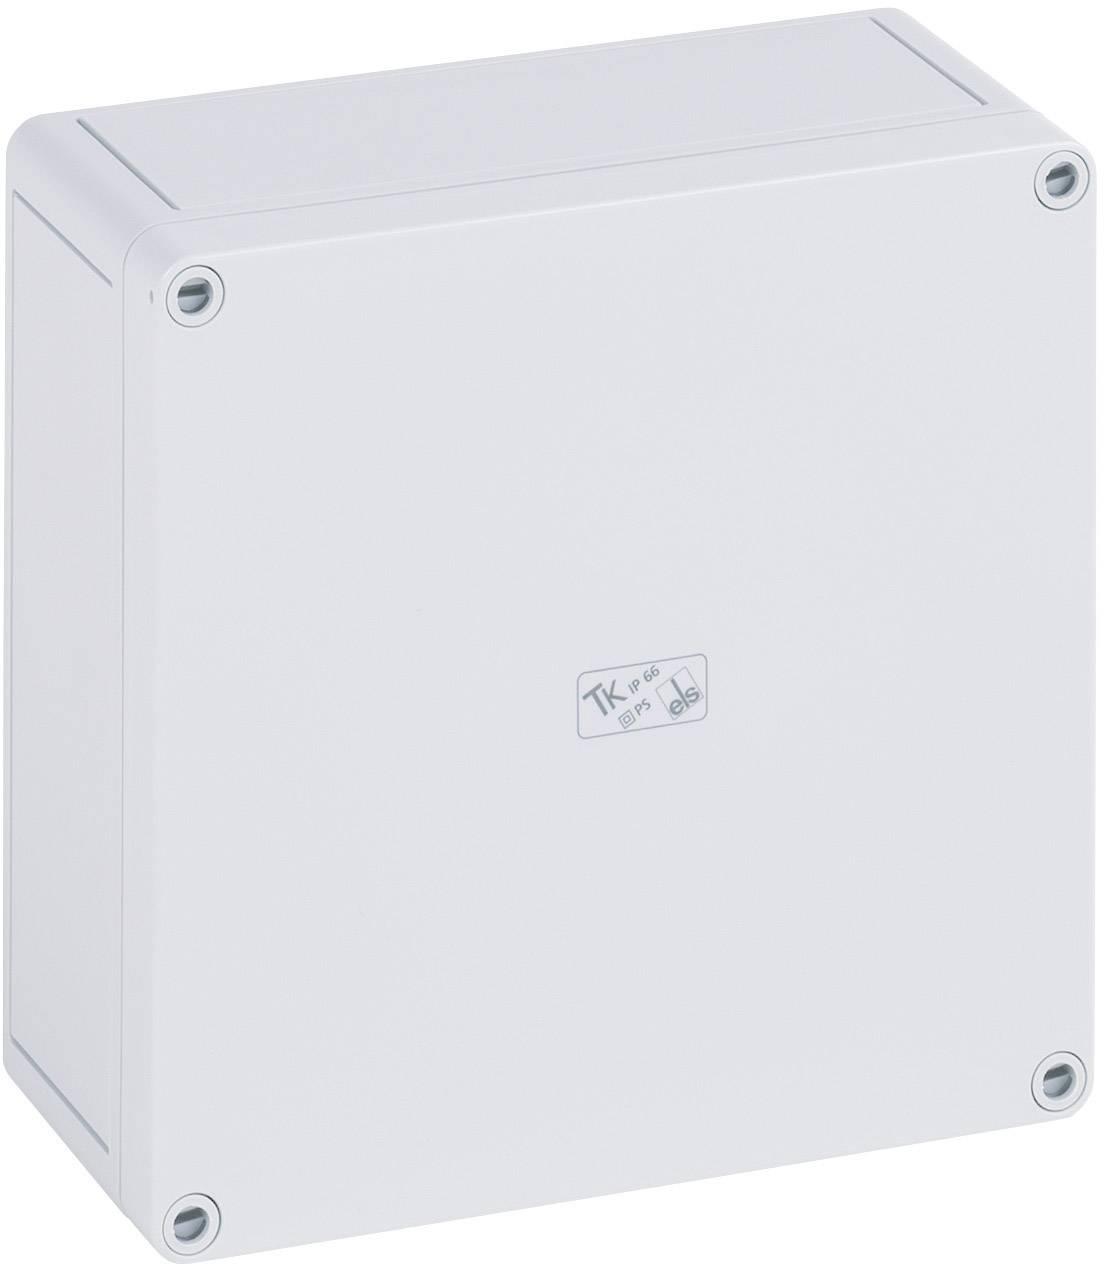 Instalační krabička Spelsberg TK PS 1313-10, (d x š x v) 130 x 130 x 99 mm, polystyren, šedá, 1 ks